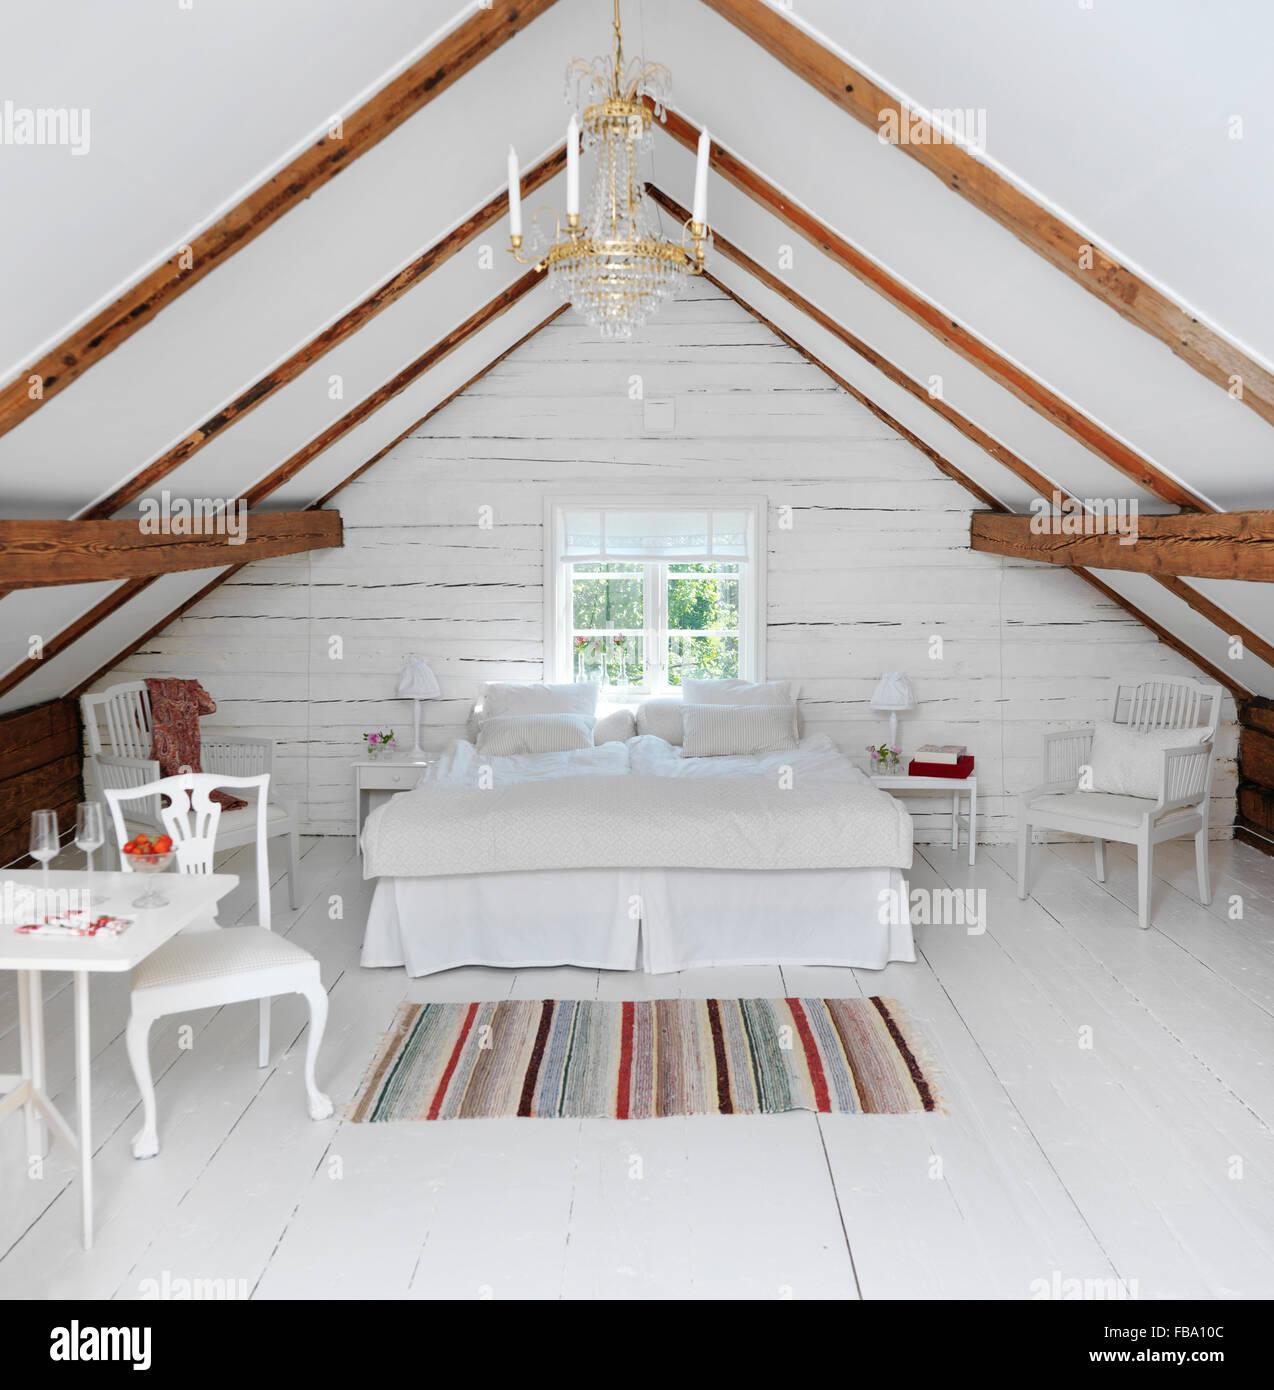 Suecia, buhardilla dormitorio en estilo rústico Imagen De Stock